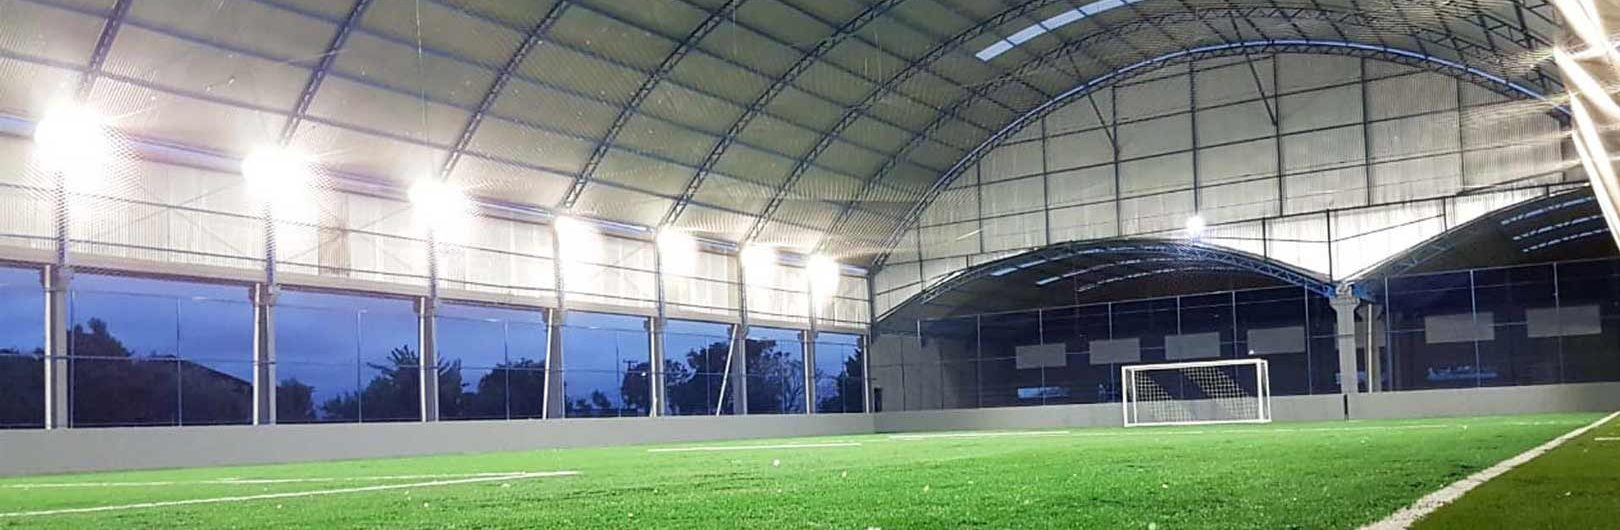 Iluminacao-Campo-de-Futebol